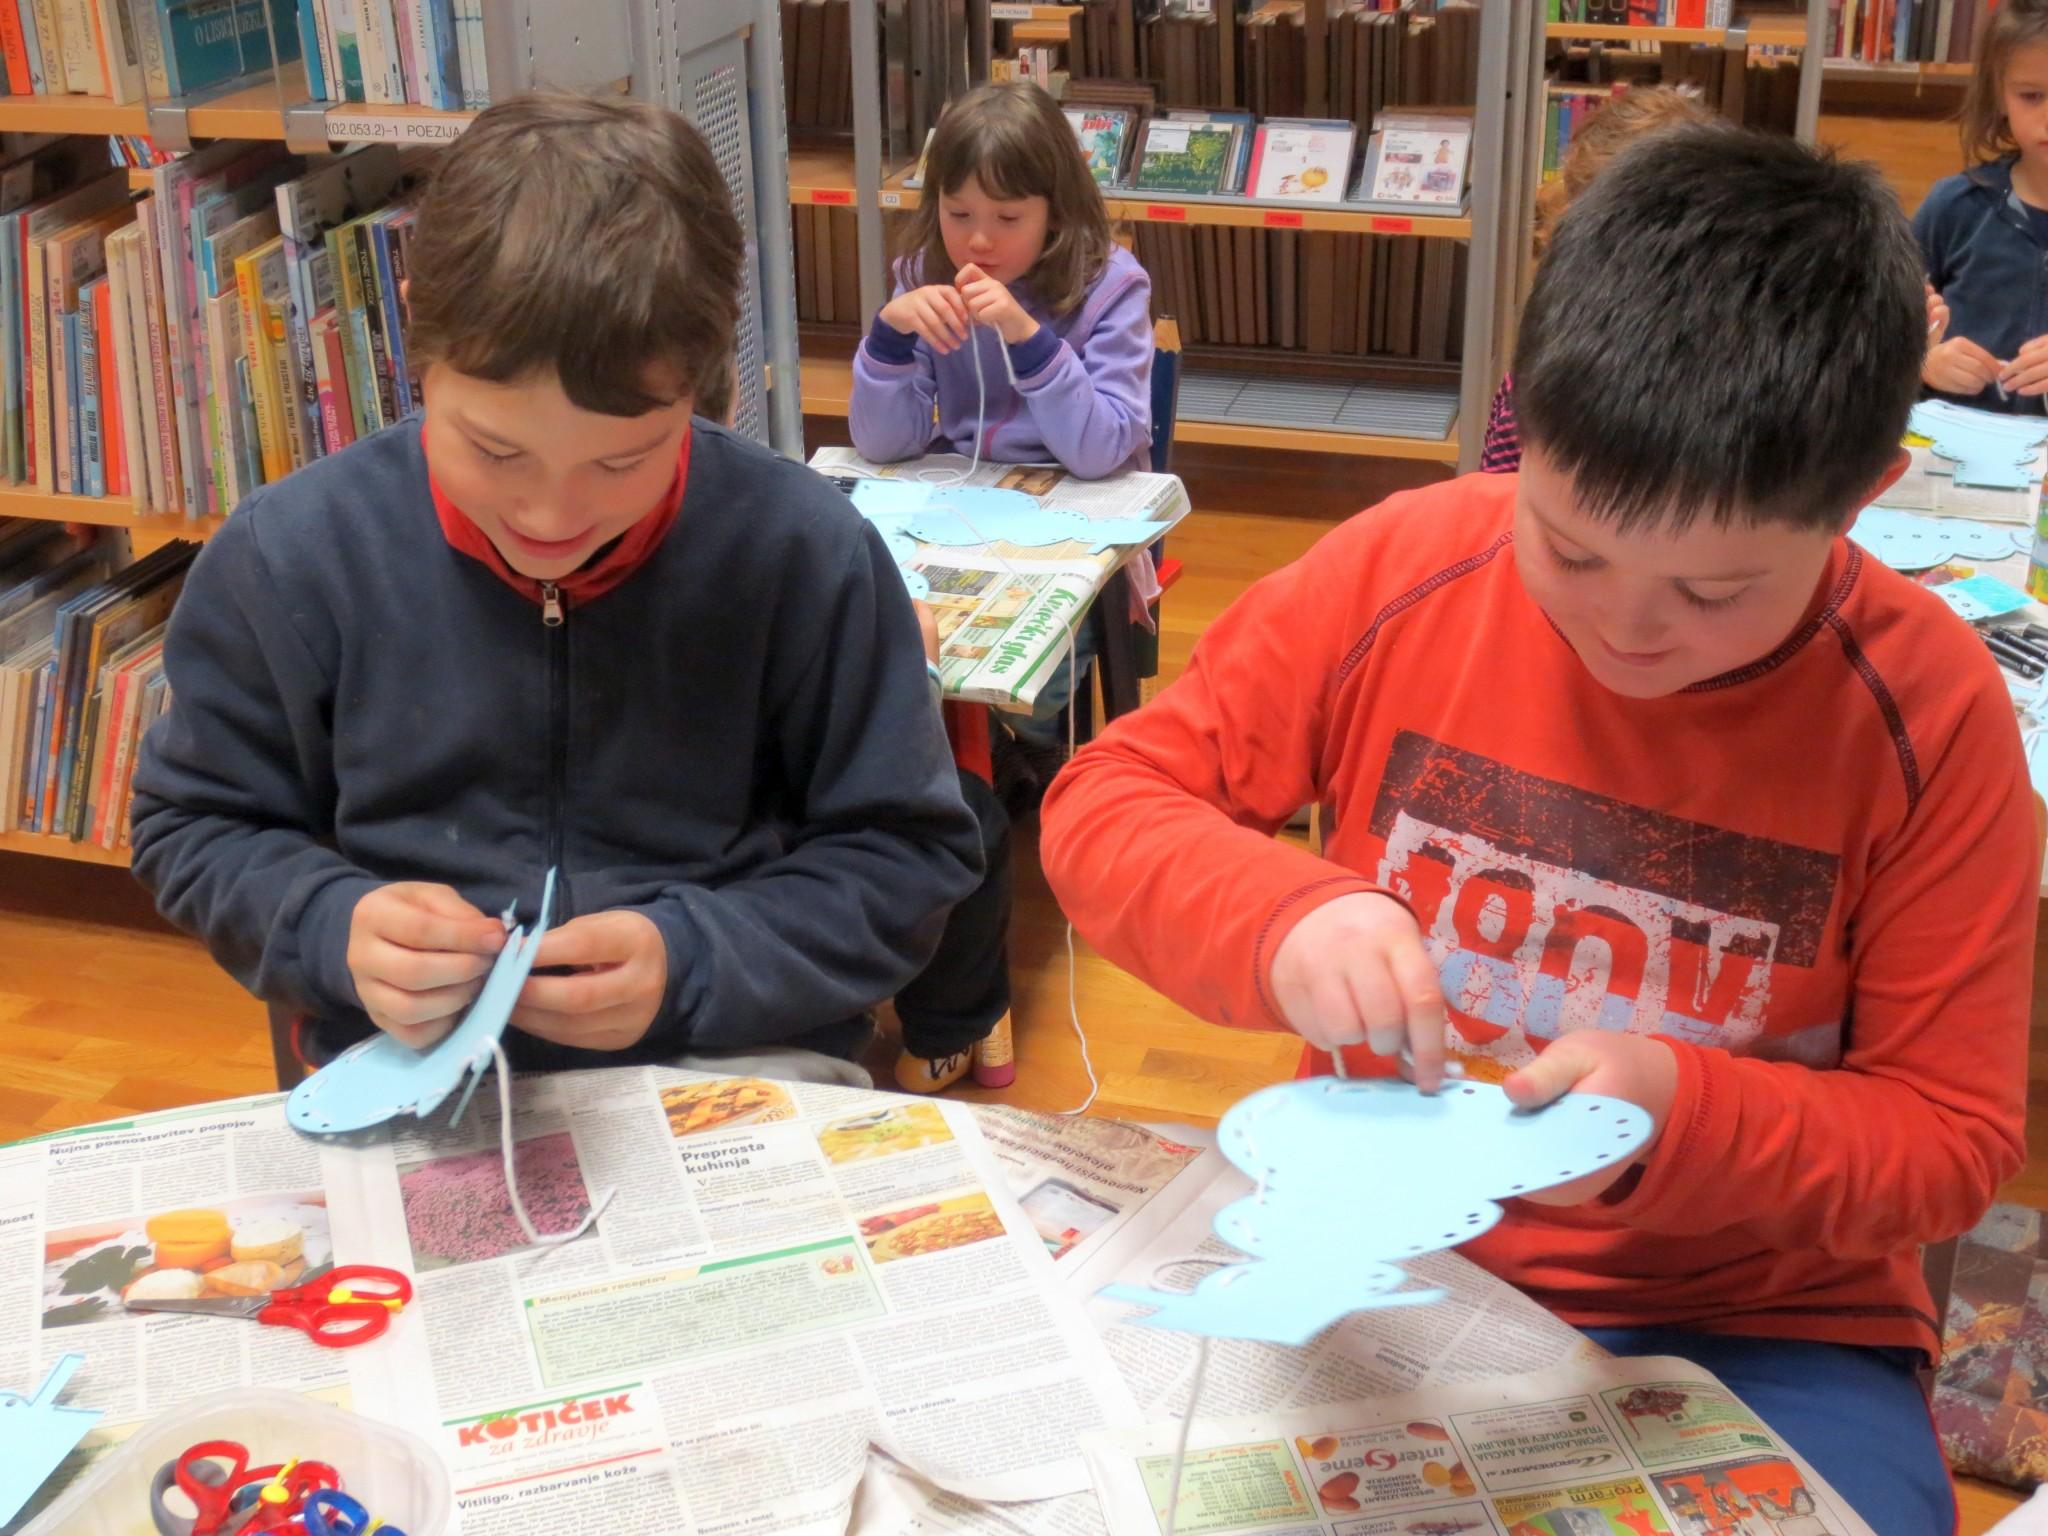 IMG 3384 - Pravljična ura in ustvarjalna delavnica za otroke od 4. leta dalje